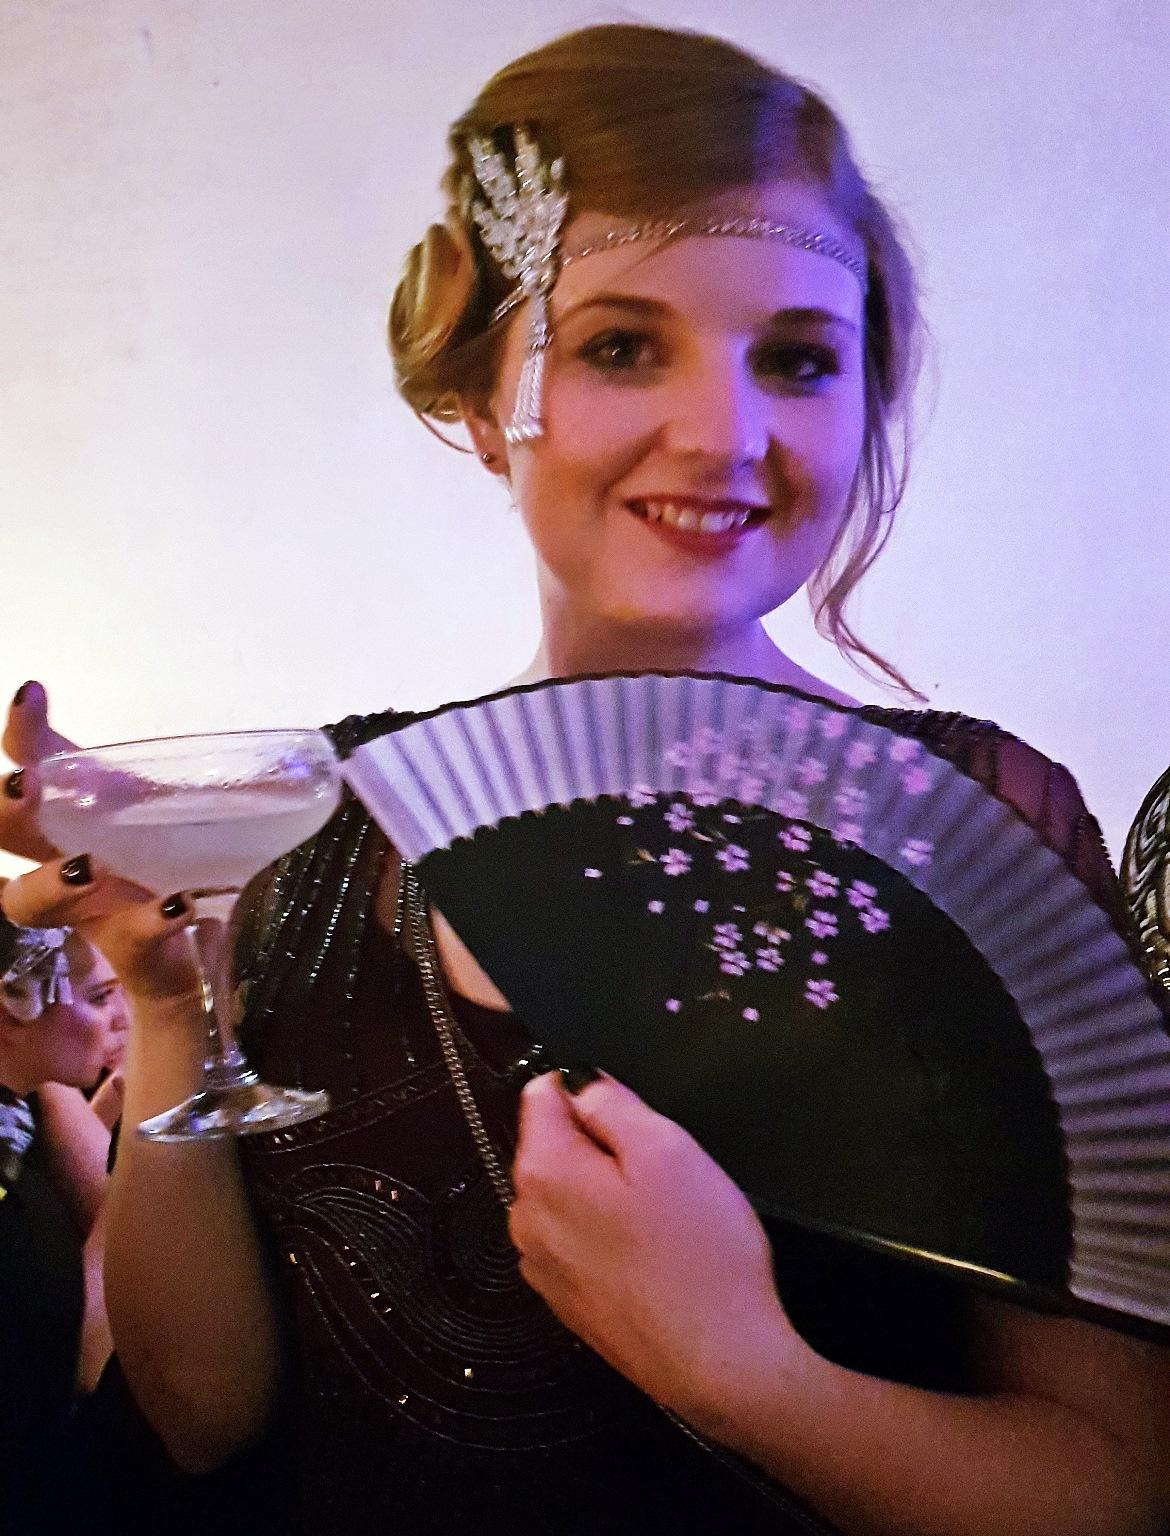 Katherine's hen do - April 2018 Monthly Recap by BeckyBecky Blogs